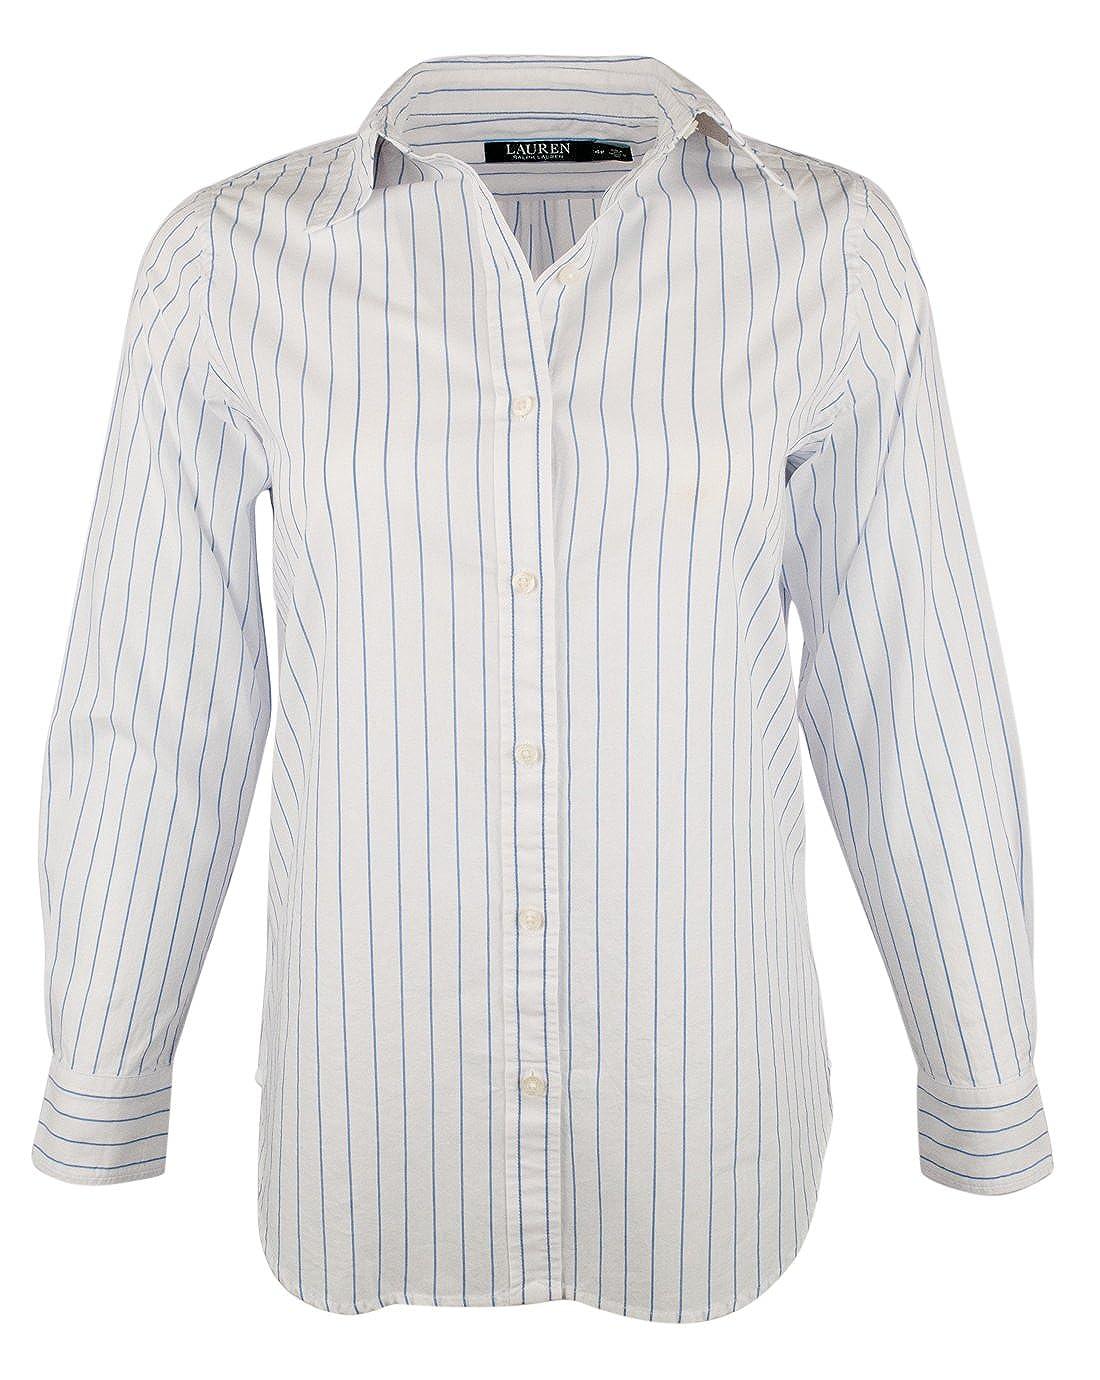 Lauren by Ralph Lauren Women's Petite Striped Long Sleeve Shirt